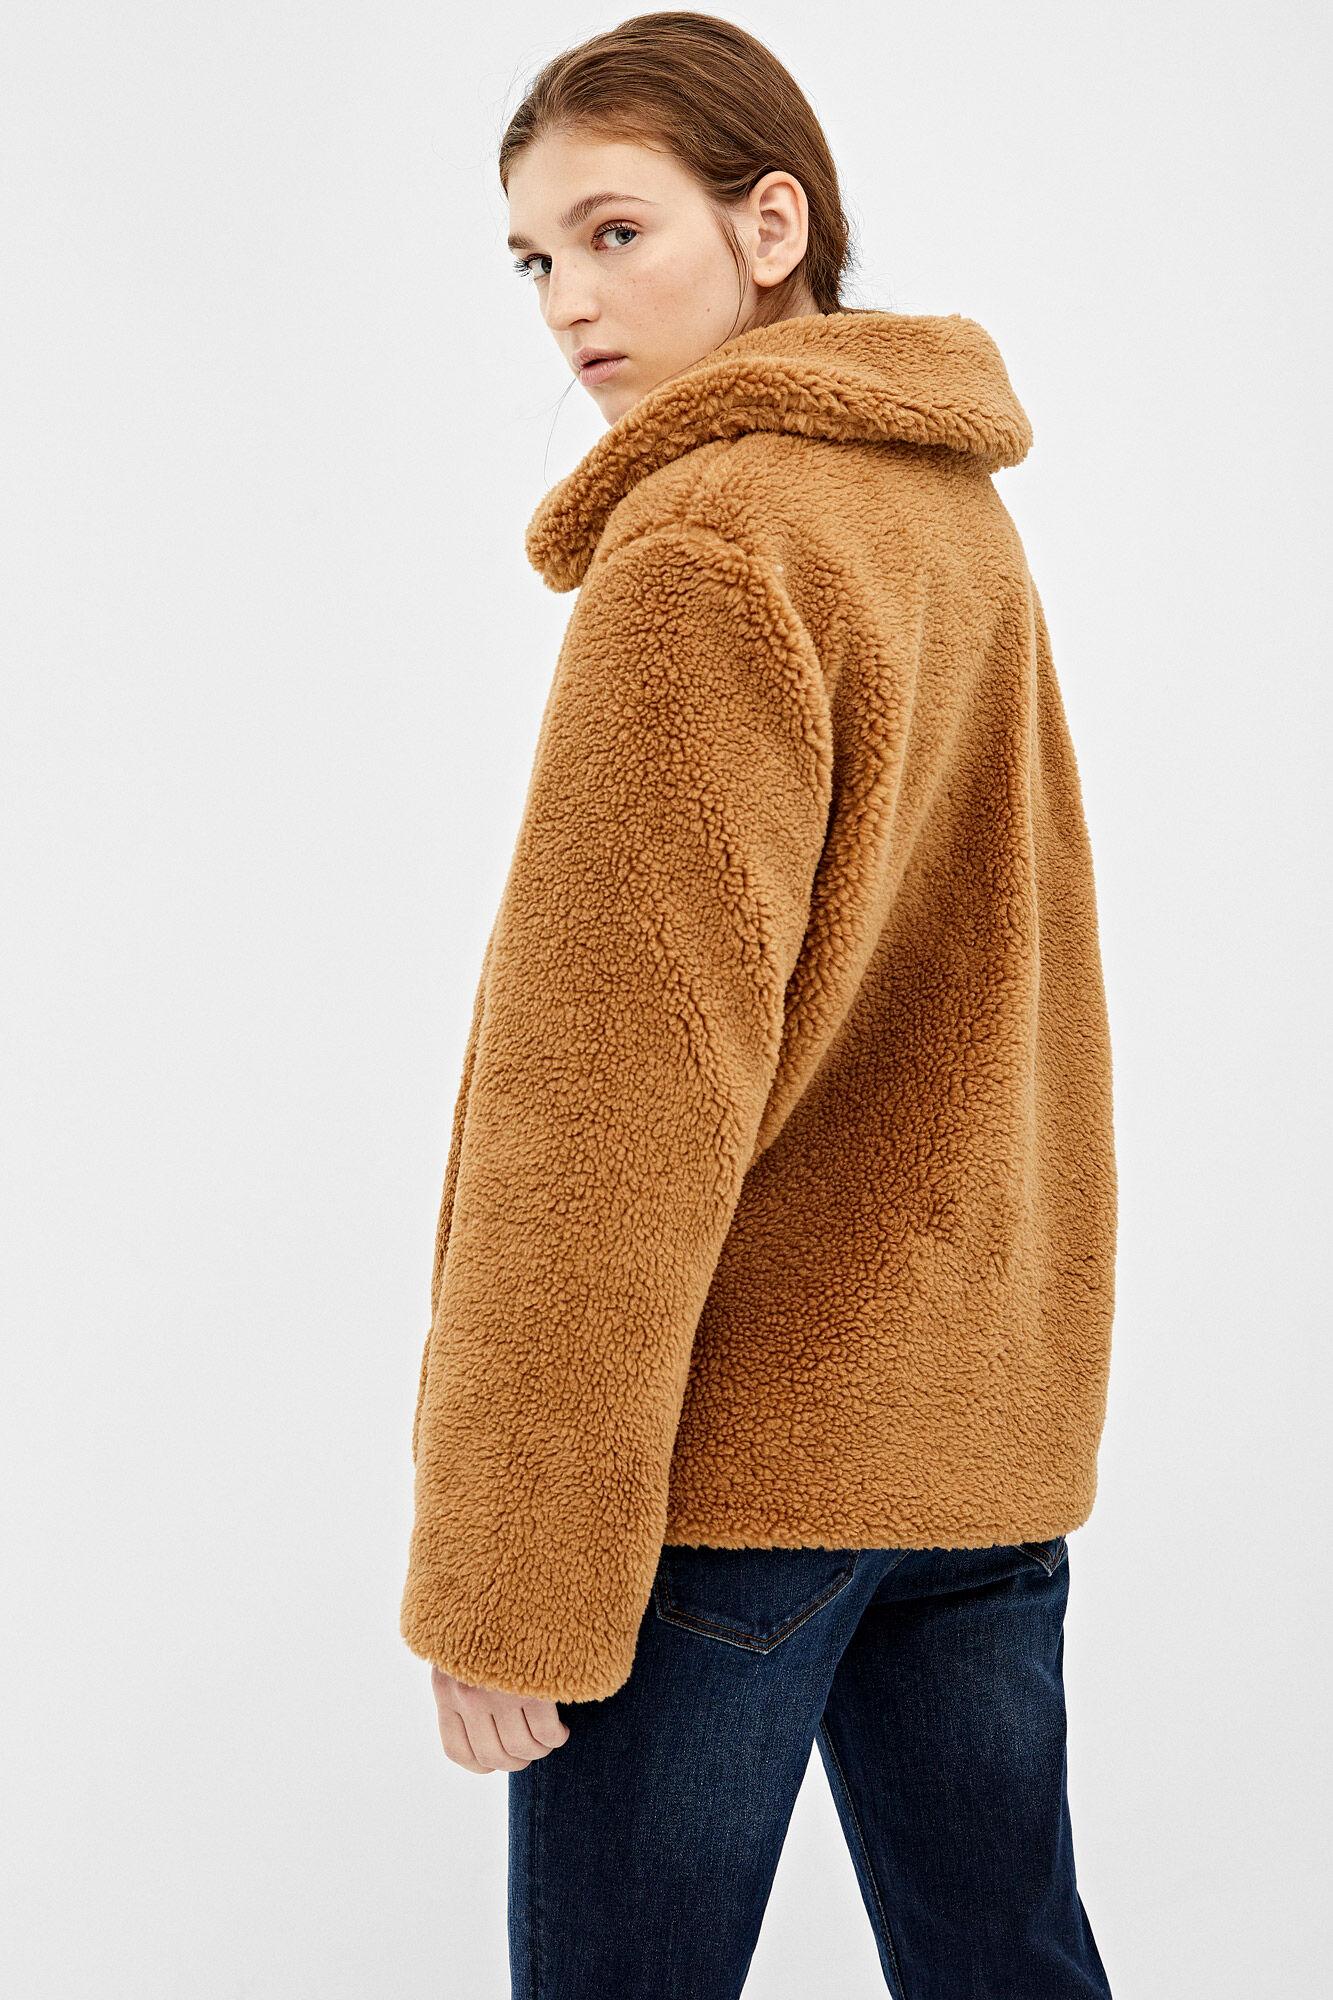 Casaco curto teddy | Blusões e Casacos | Springfield